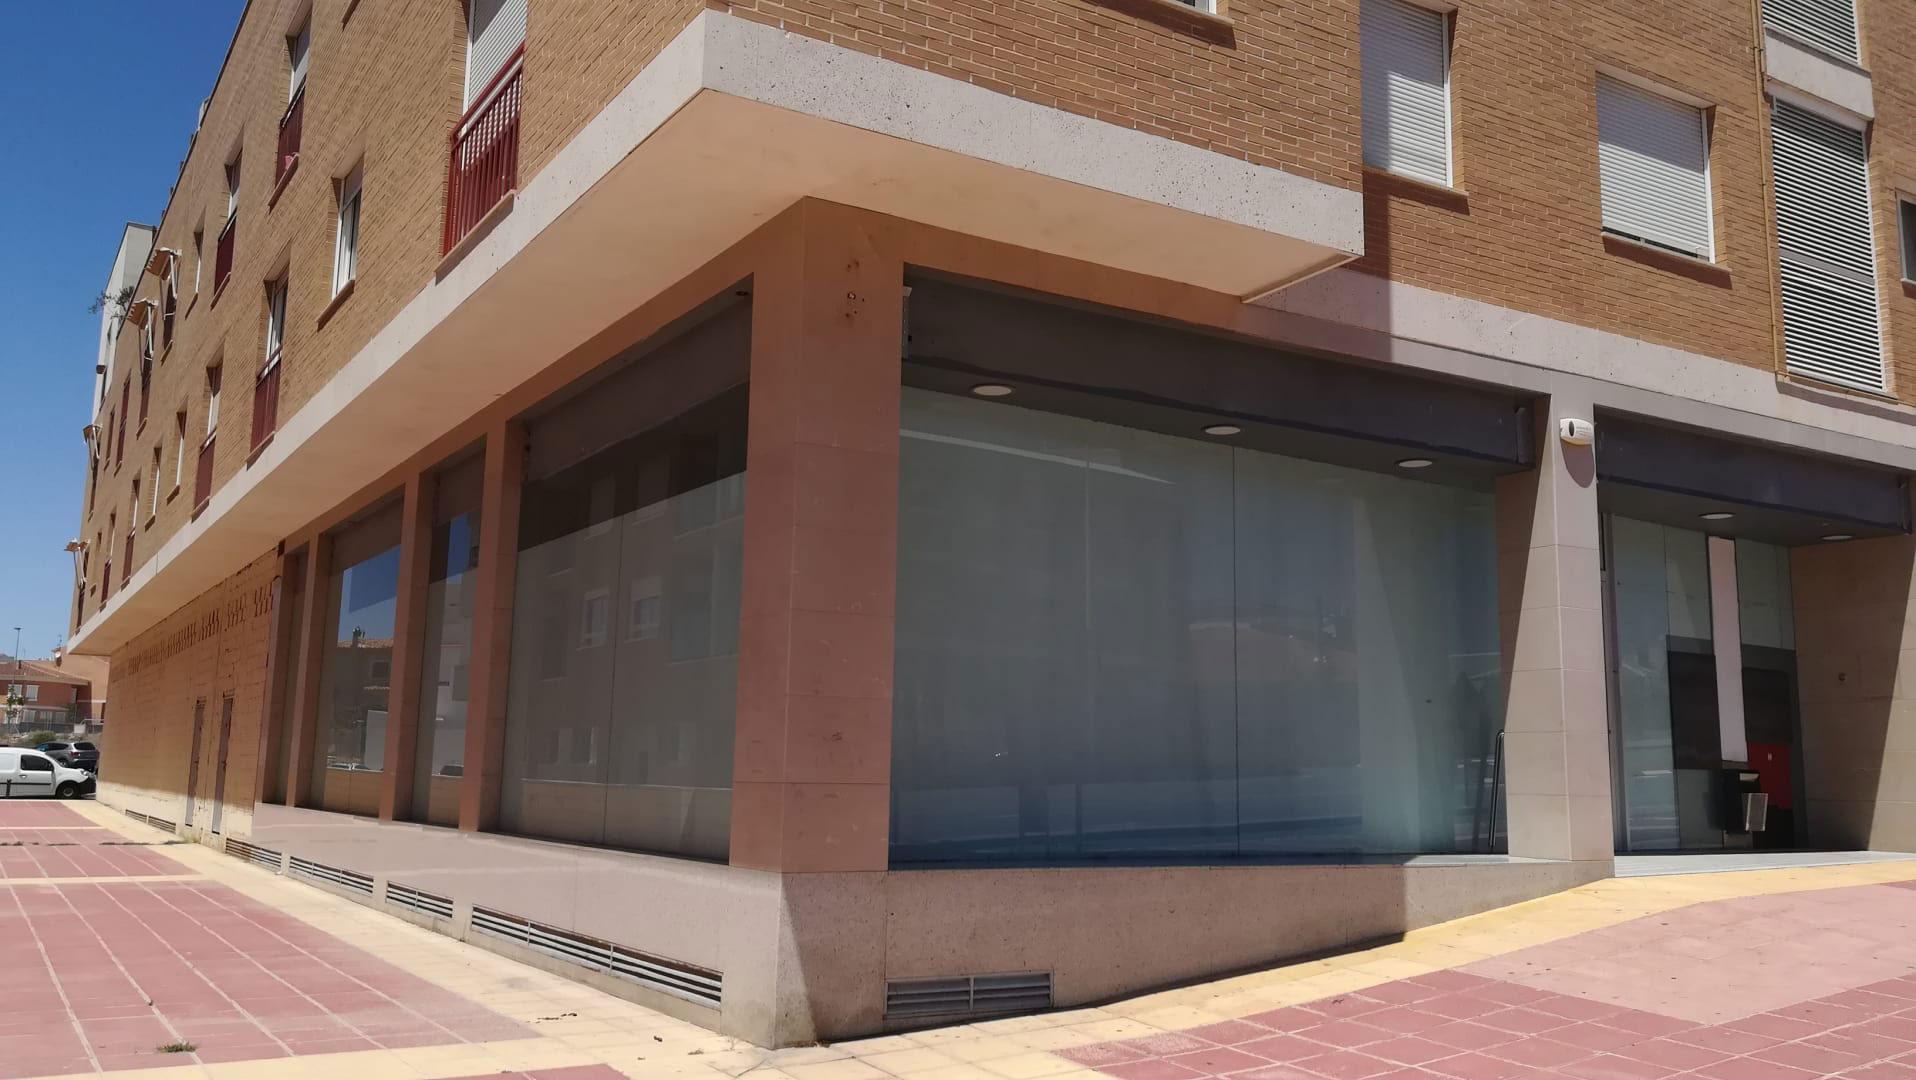 Local en venta en Molina de Segura, Murcia, Calle Dr Jesus Marin Lopez, 453.305 €, 172 m2